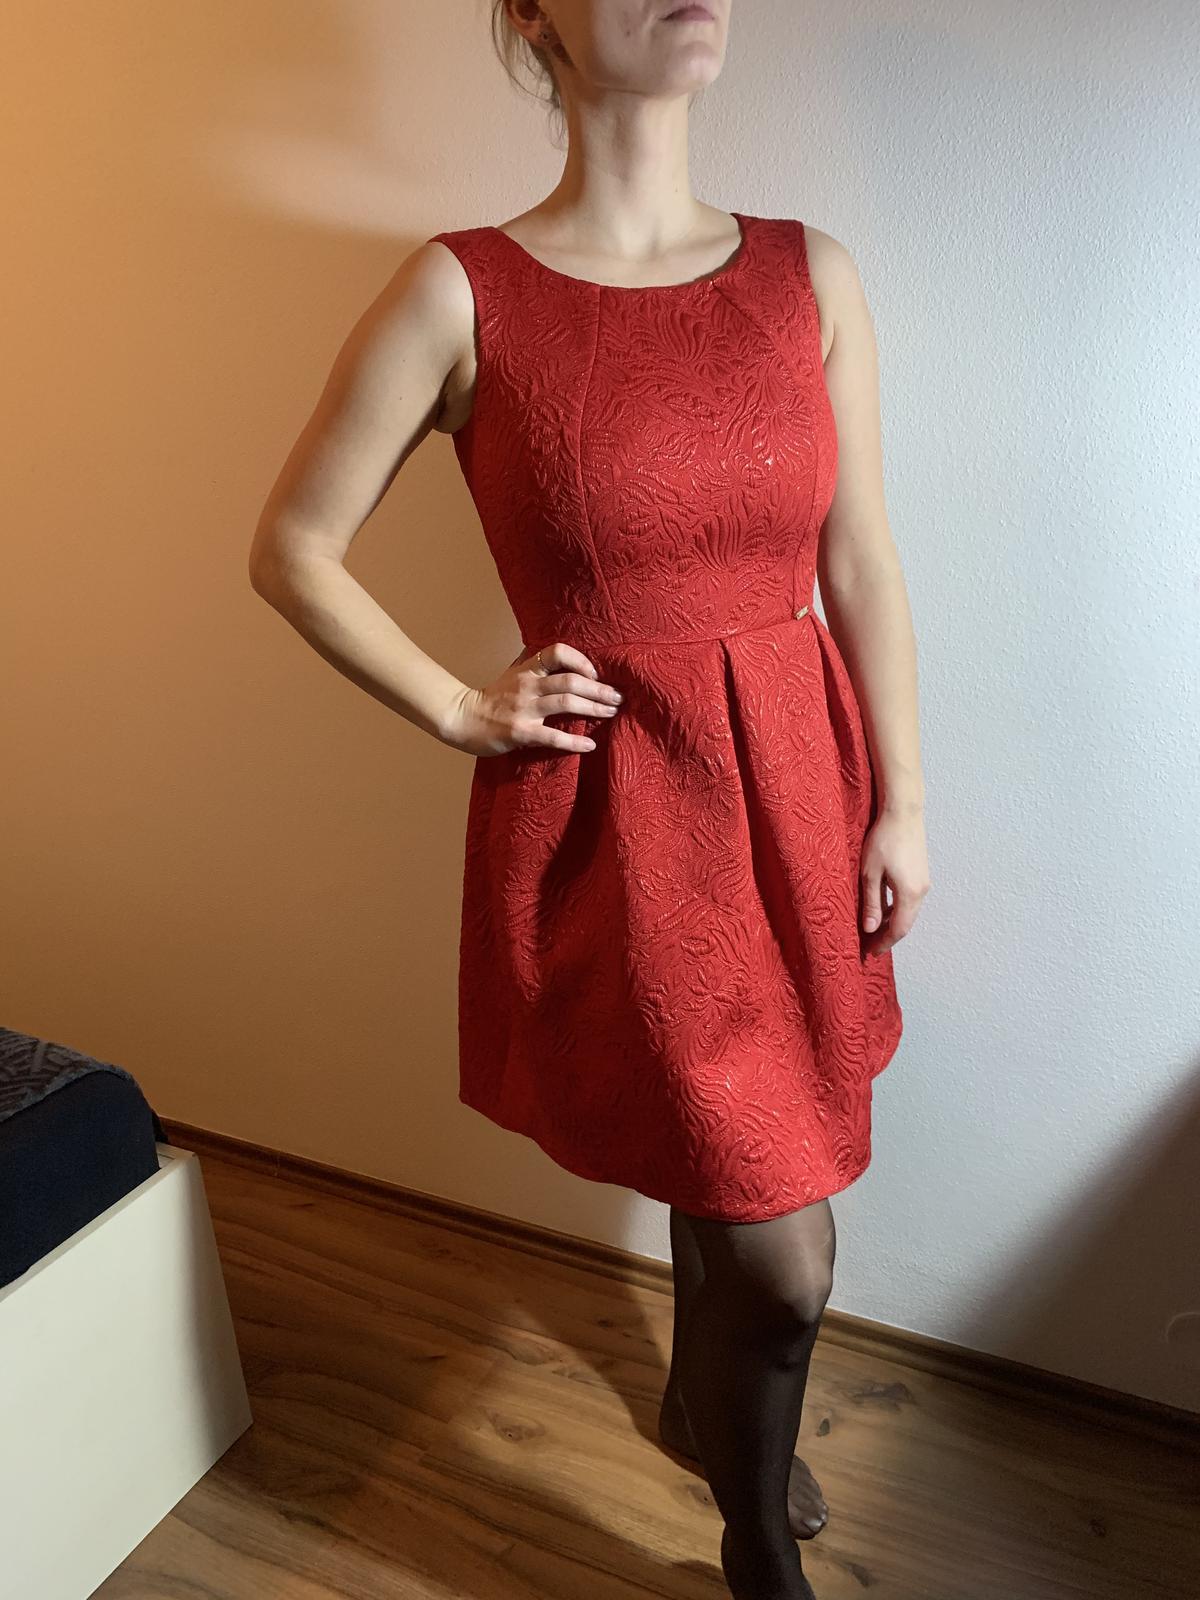 Červené šaty na redovú - Obrázok č. 1